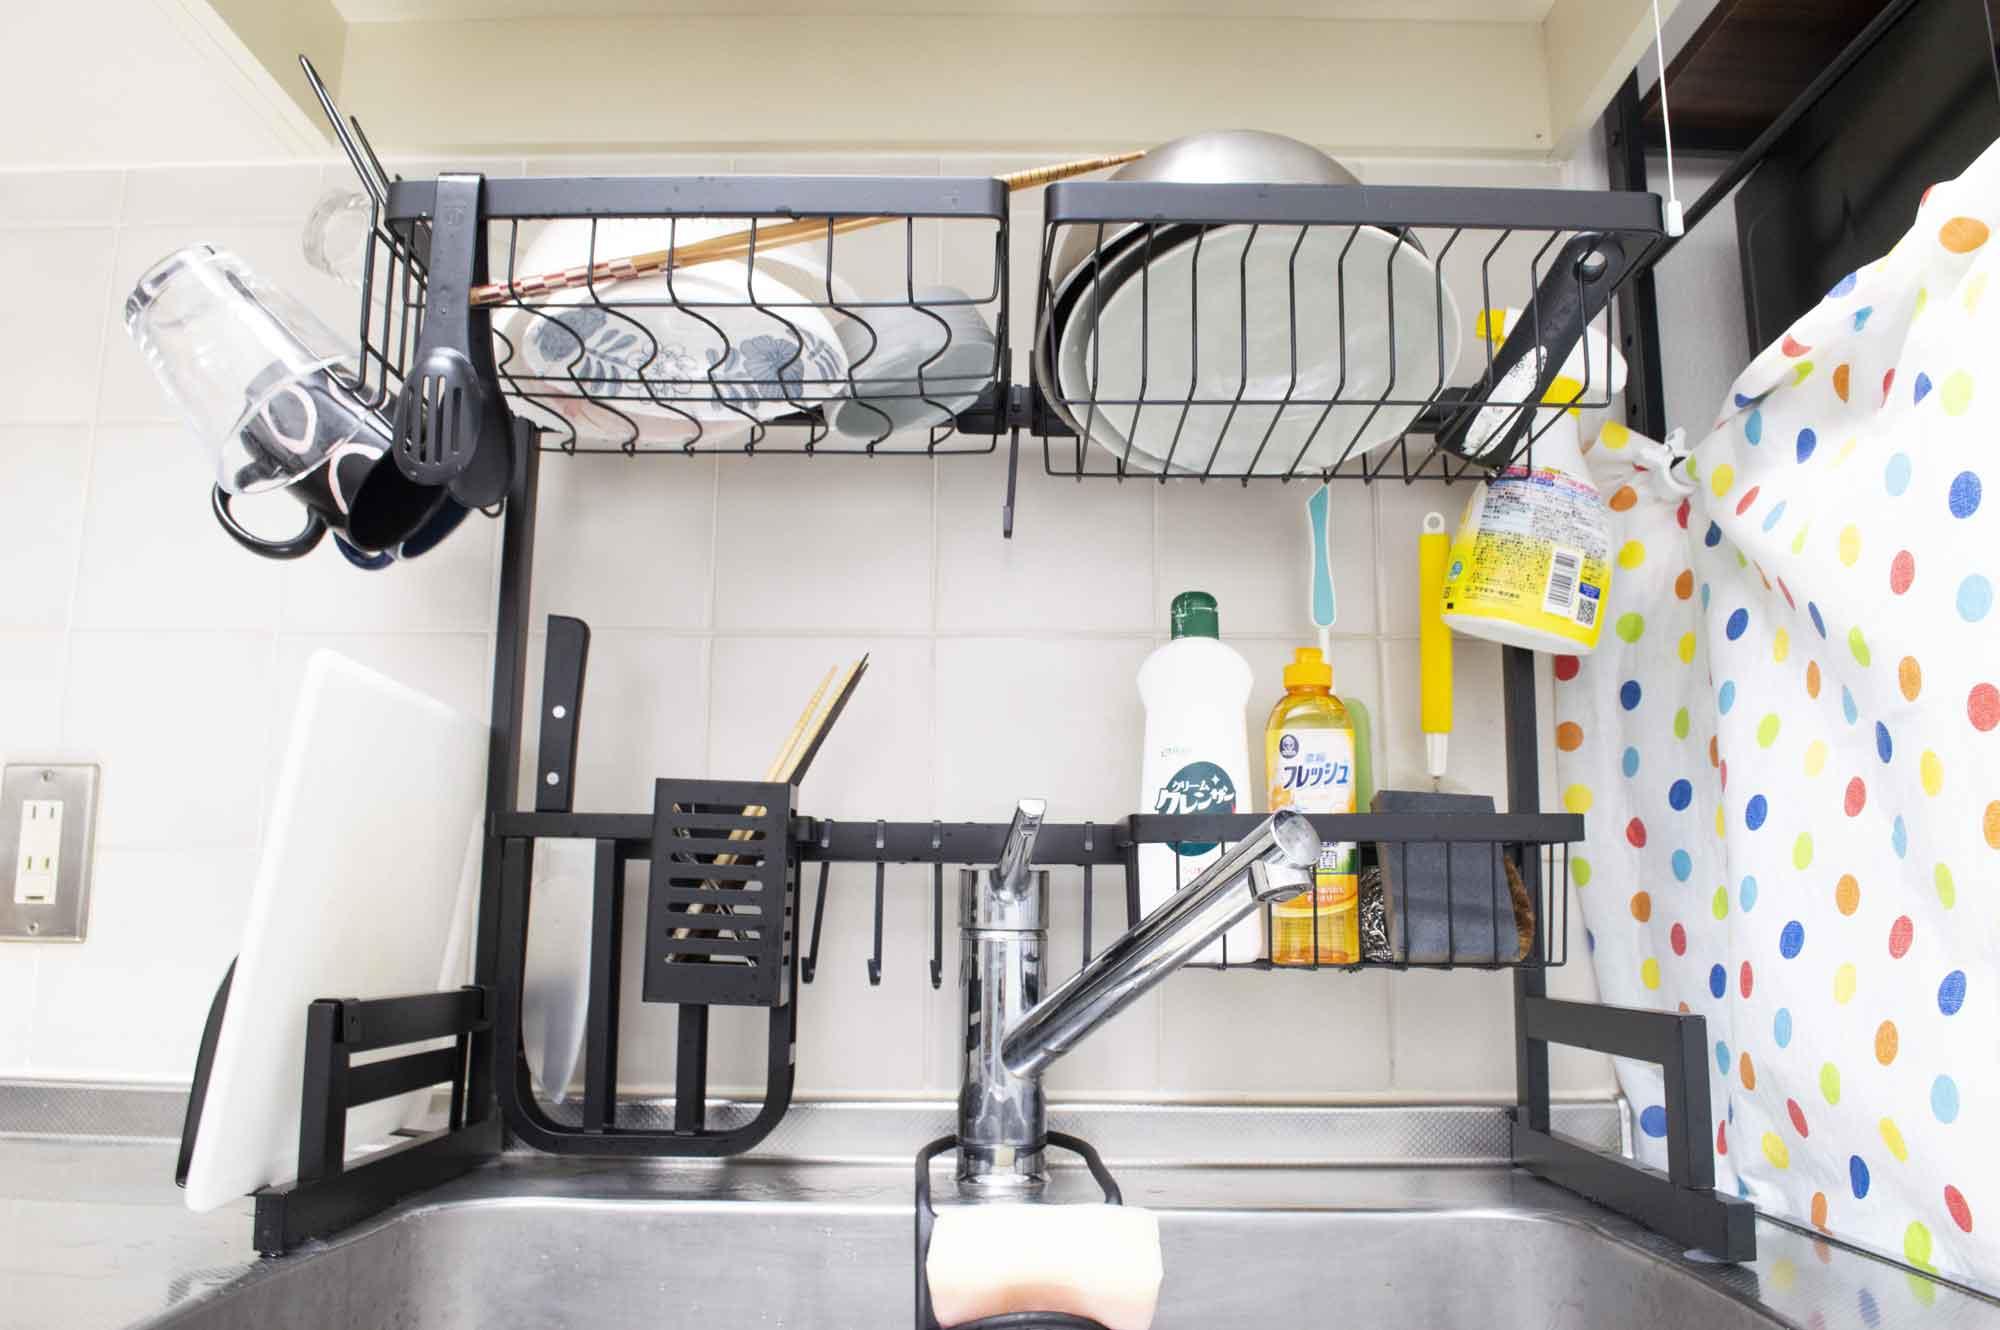 水切りラックに洗った食器やコップを乗せ、狭いキッチンでもゆとりを持って食器を乾燥させることができる水切りラック